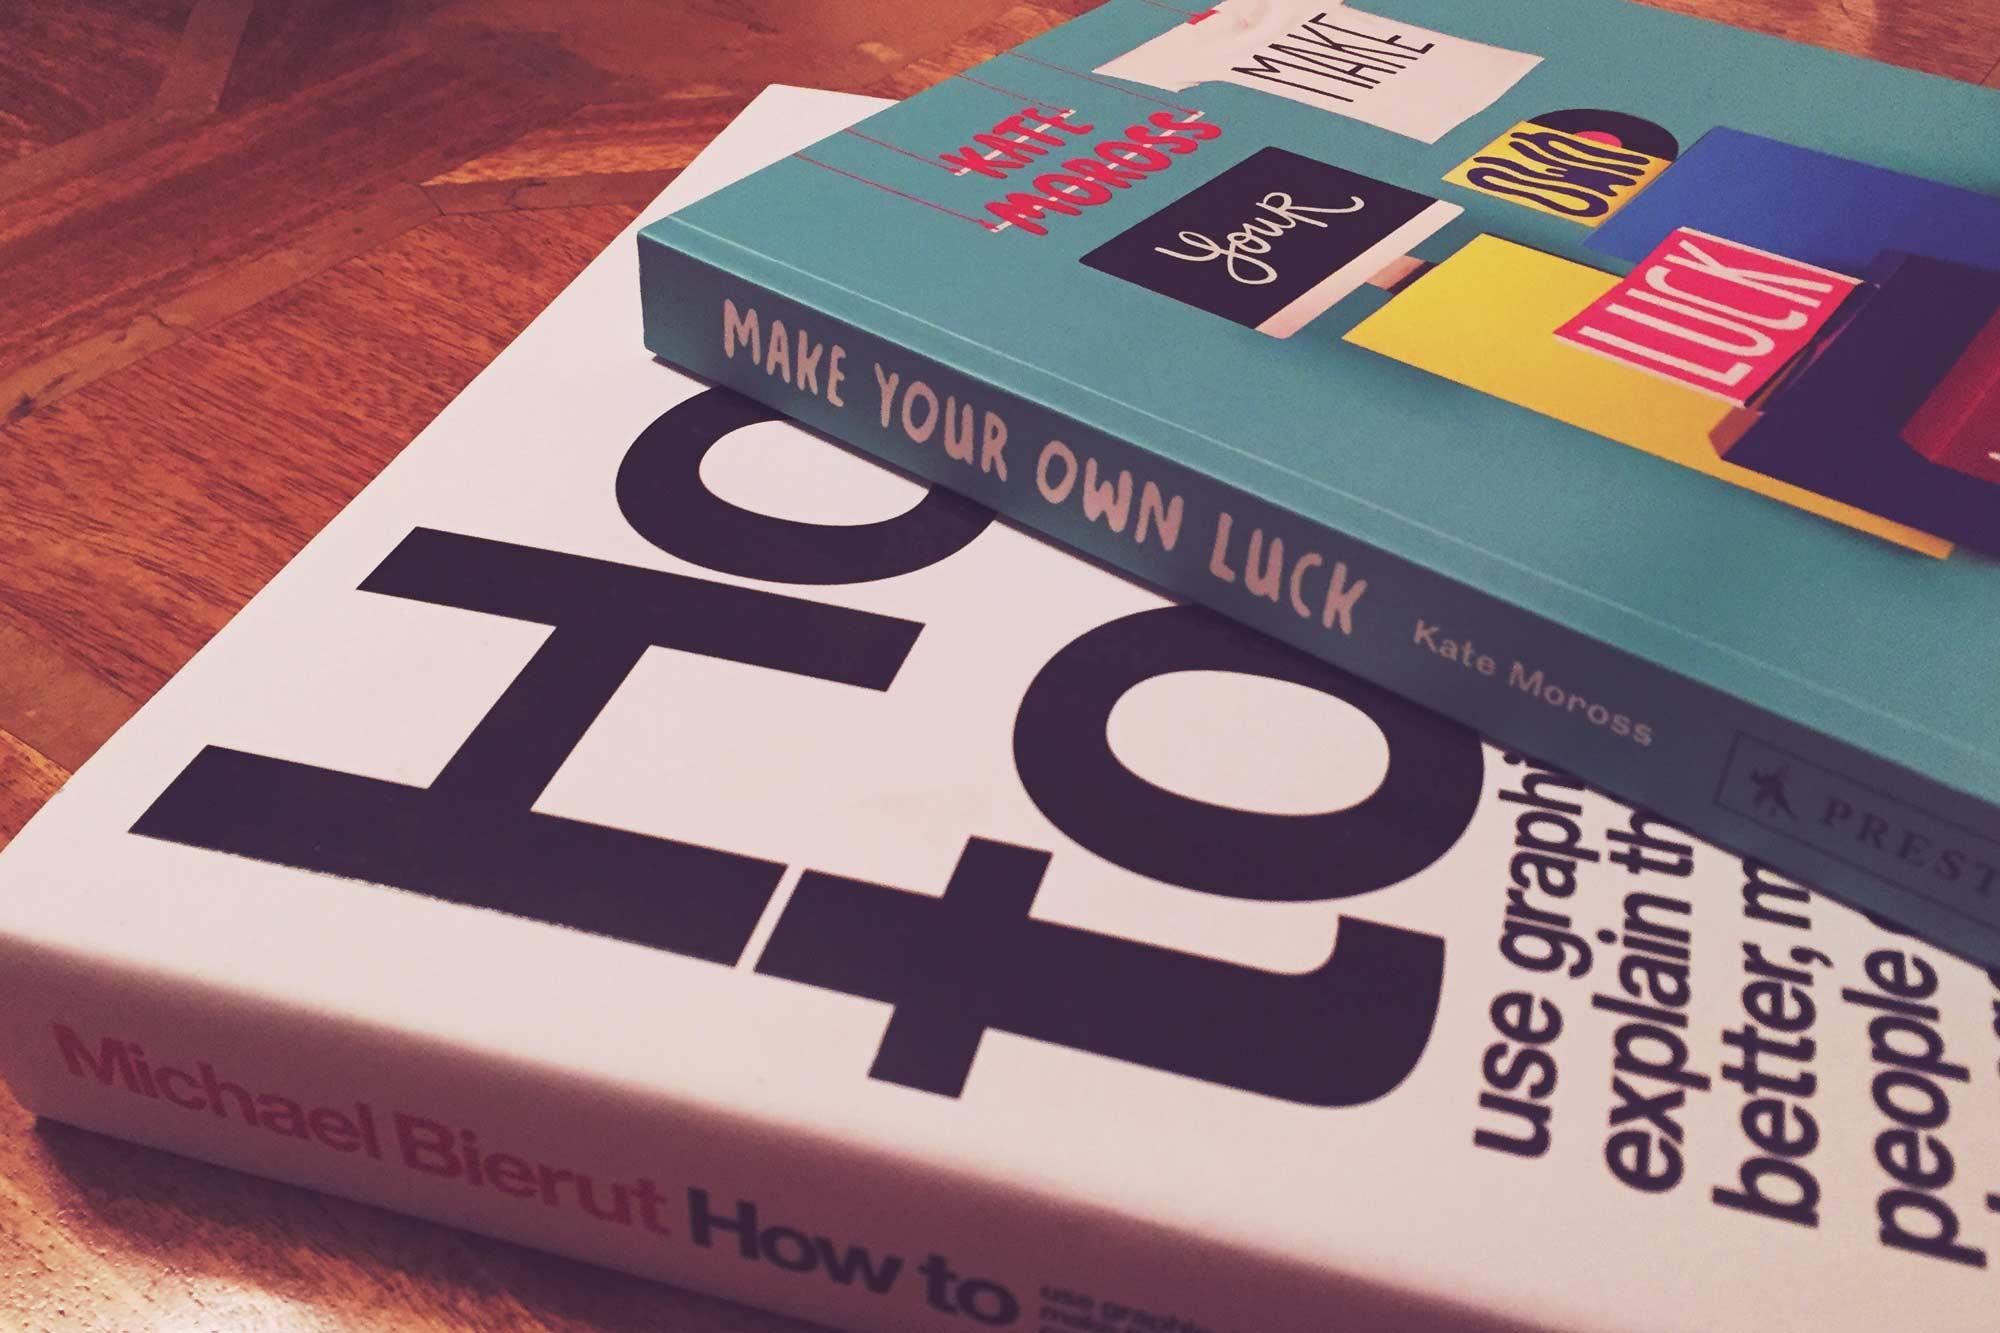 Books by Kate Moross & Michael Bierut